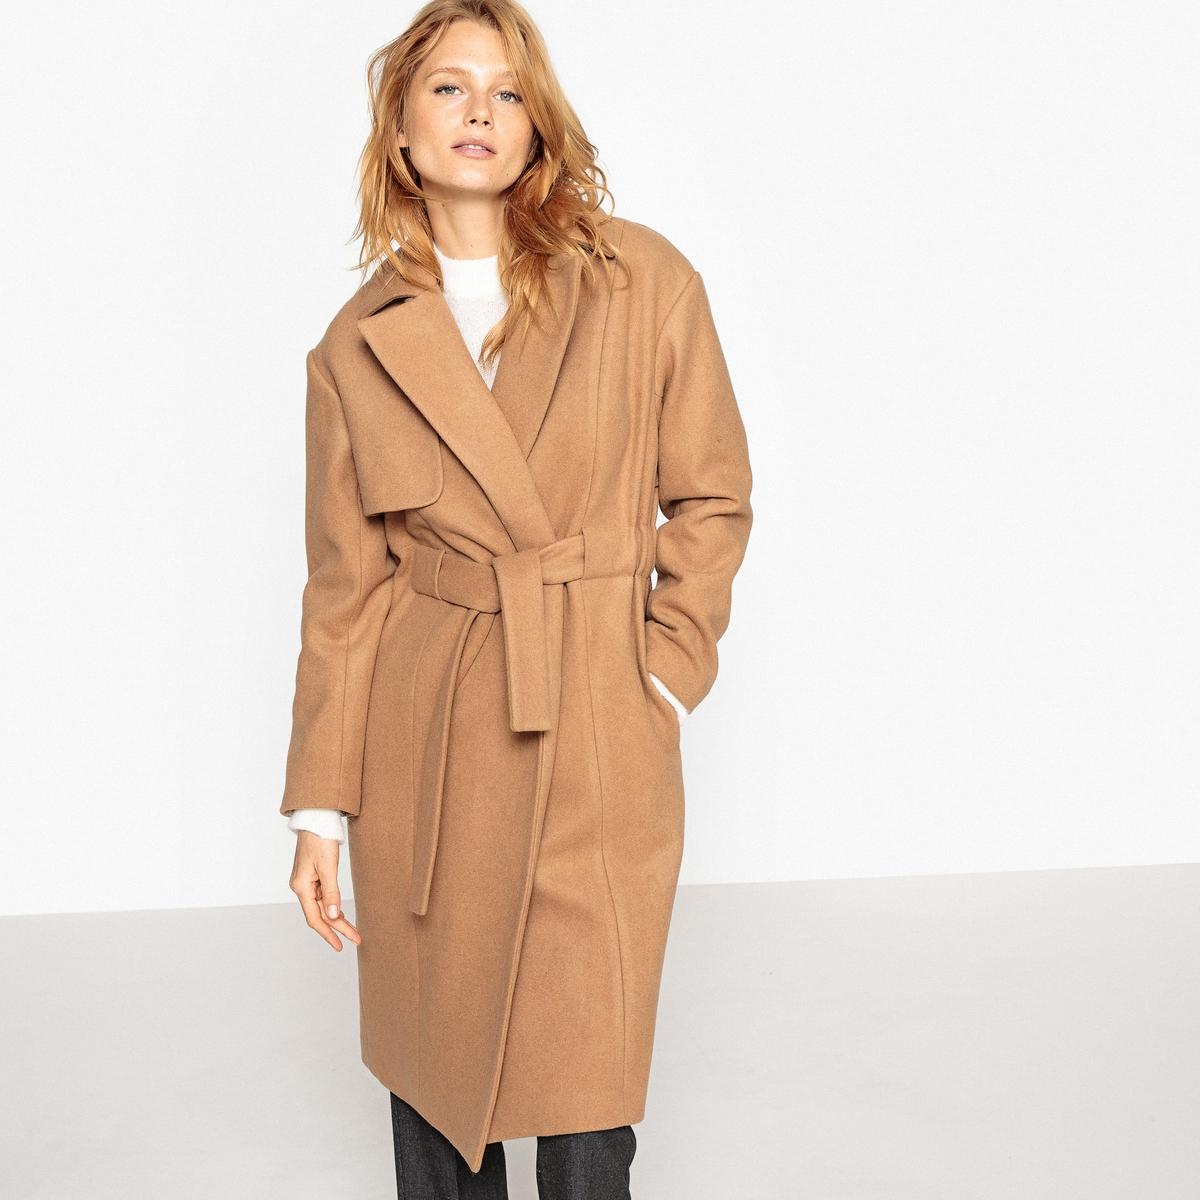 Пальто с поясомЭтой зимой в моде длинные пальто. Вам будет очень тепло и комфортно в этом пальто с ремешком из драпа с 70% шерсти .Детали •  Длина : удлиненная модель •  Шалевый воротник •  Без застежкиСостав и уход •  70% шерсти, 5% других волокон, 25% полиэстера •  Подкладка : 100% полиэстер • Не стирать •  Деликатная чистка/без отбеливателей •  Не использовать барабанную сушку   •  Низкая температура глажки •  Длина : 110 см<br><br>Цвет: темно-бежевый,черный<br>Размер: 36 (FR) - 42 (RUS).44 (FR) - 50 (RUS).42 (FR) - 48 (RUS).40 (FR) - 46 (RUS).42 (FR) - 48 (RUS).34 (FR) - 40 (RUS).46 (FR) - 52 (RUS).38 (FR) - 44 (RUS).34 (FR) - 40 (RUS).50 (FR) - 56 (RUS).44 (FR) - 50 (RUS).40 (FR) - 46 (RUS).38 (FR) - 44 (RUS)